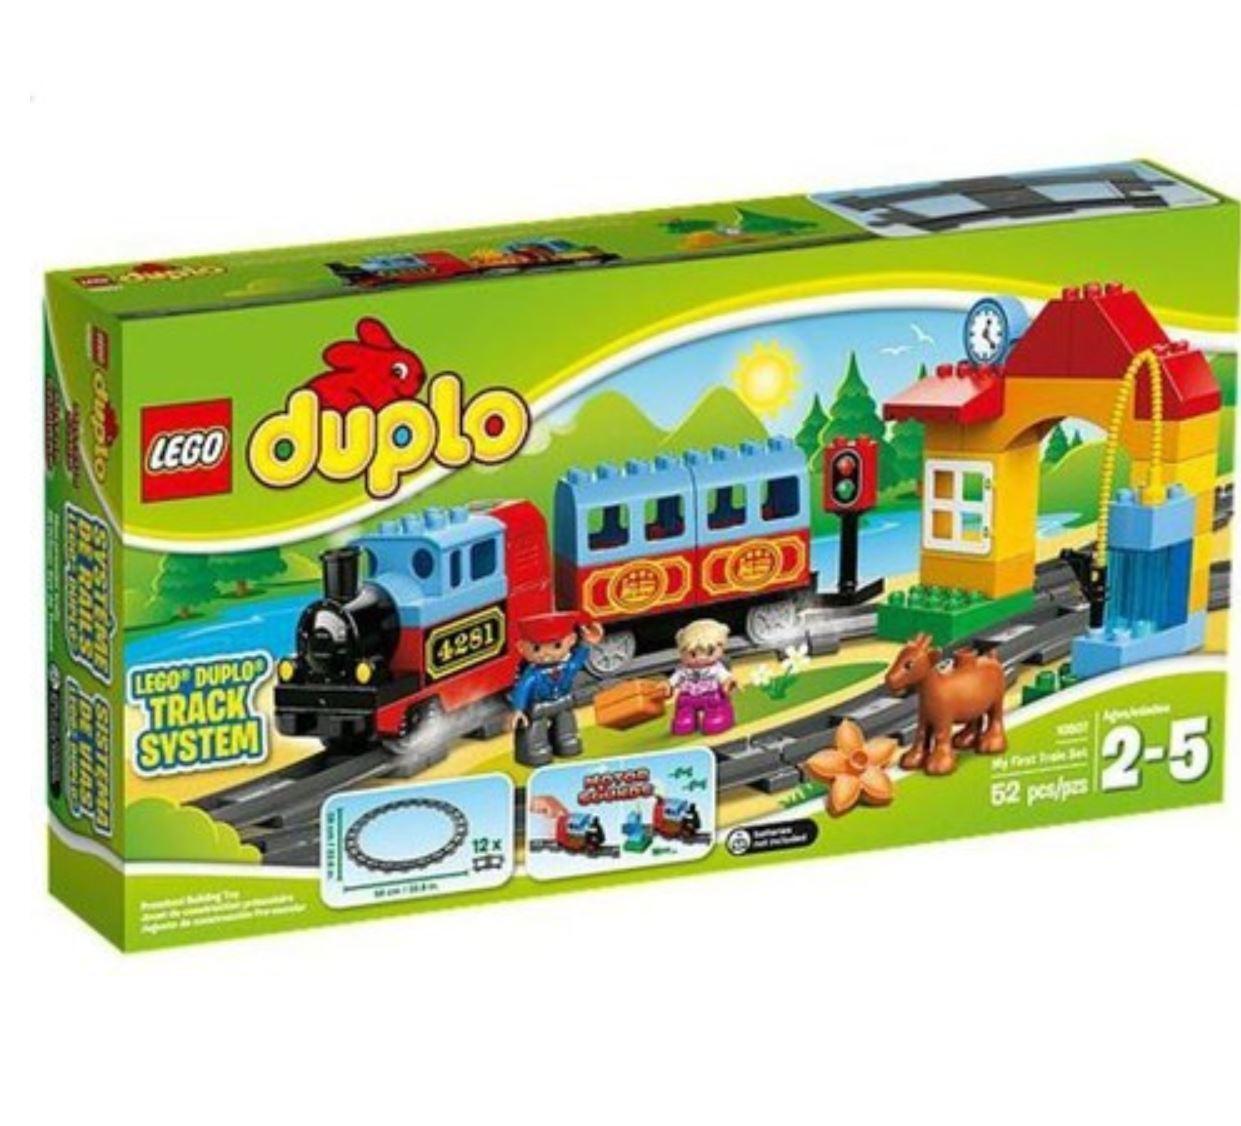 [LEGO] duplo My First Train Set 10507 2015 Version fri Shipping